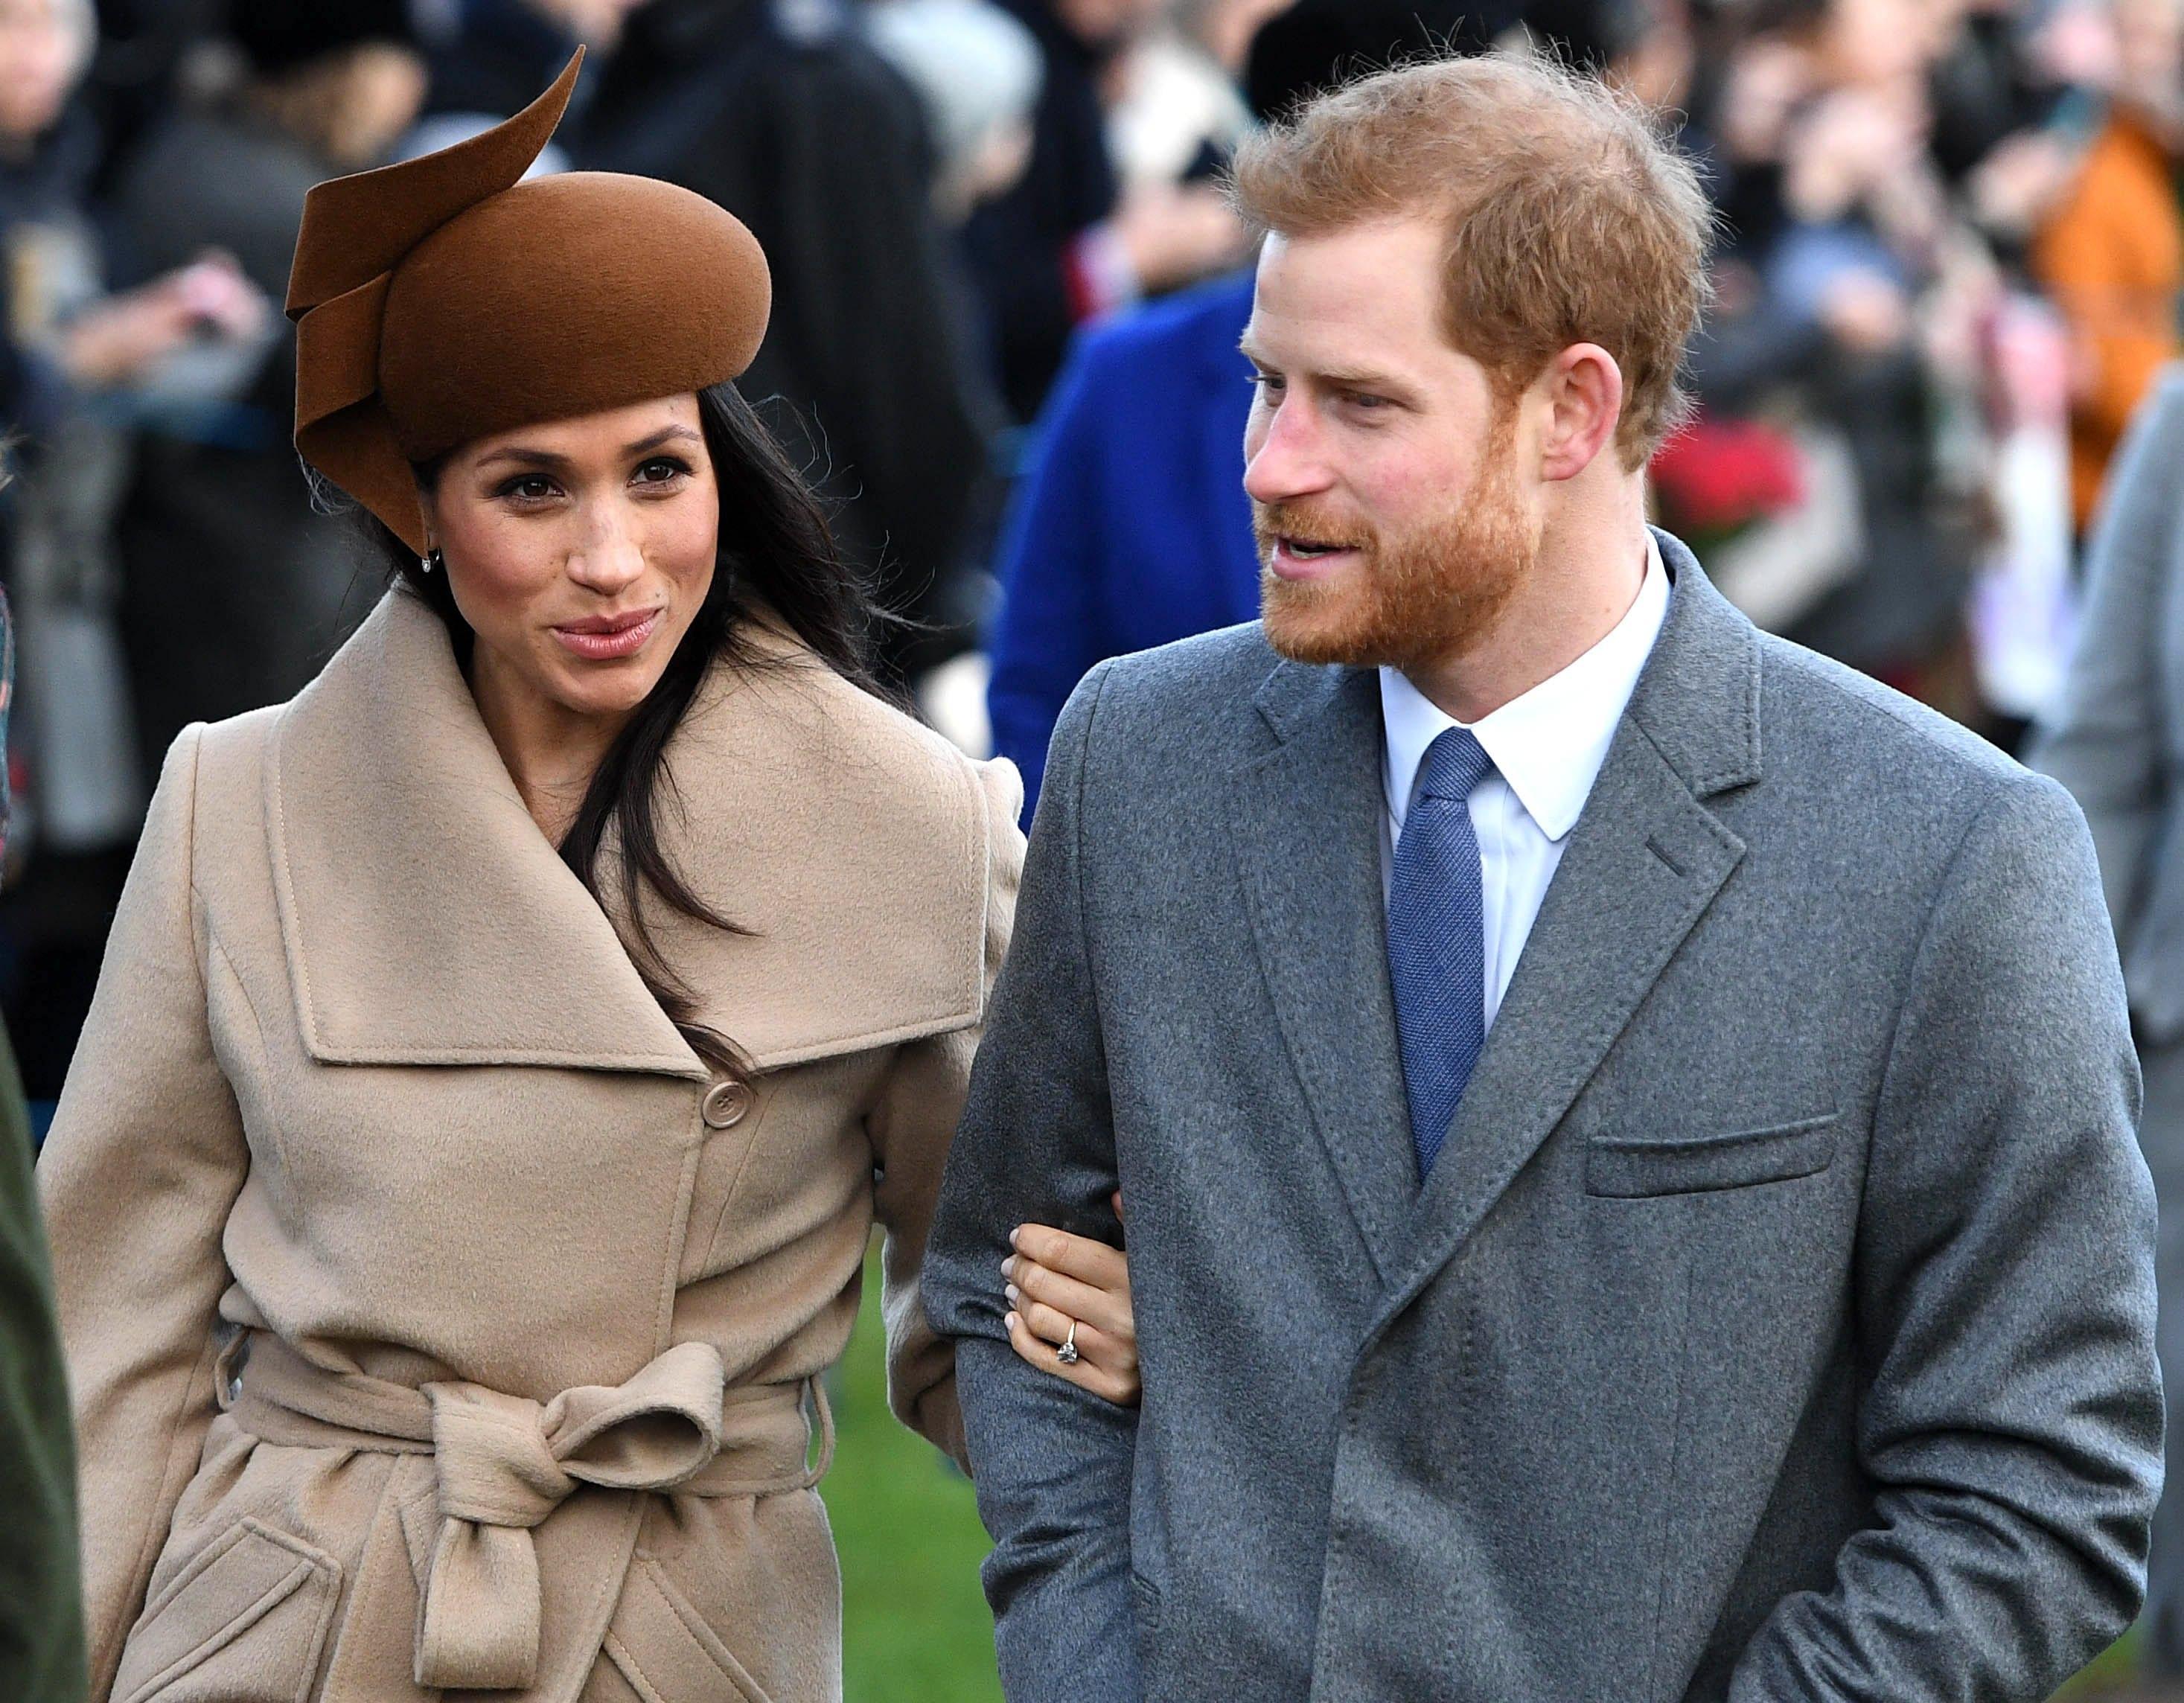 Harry e Meghan: A Royal Romance, il film sul matrimonio reale in onda il 19 maggio 2018